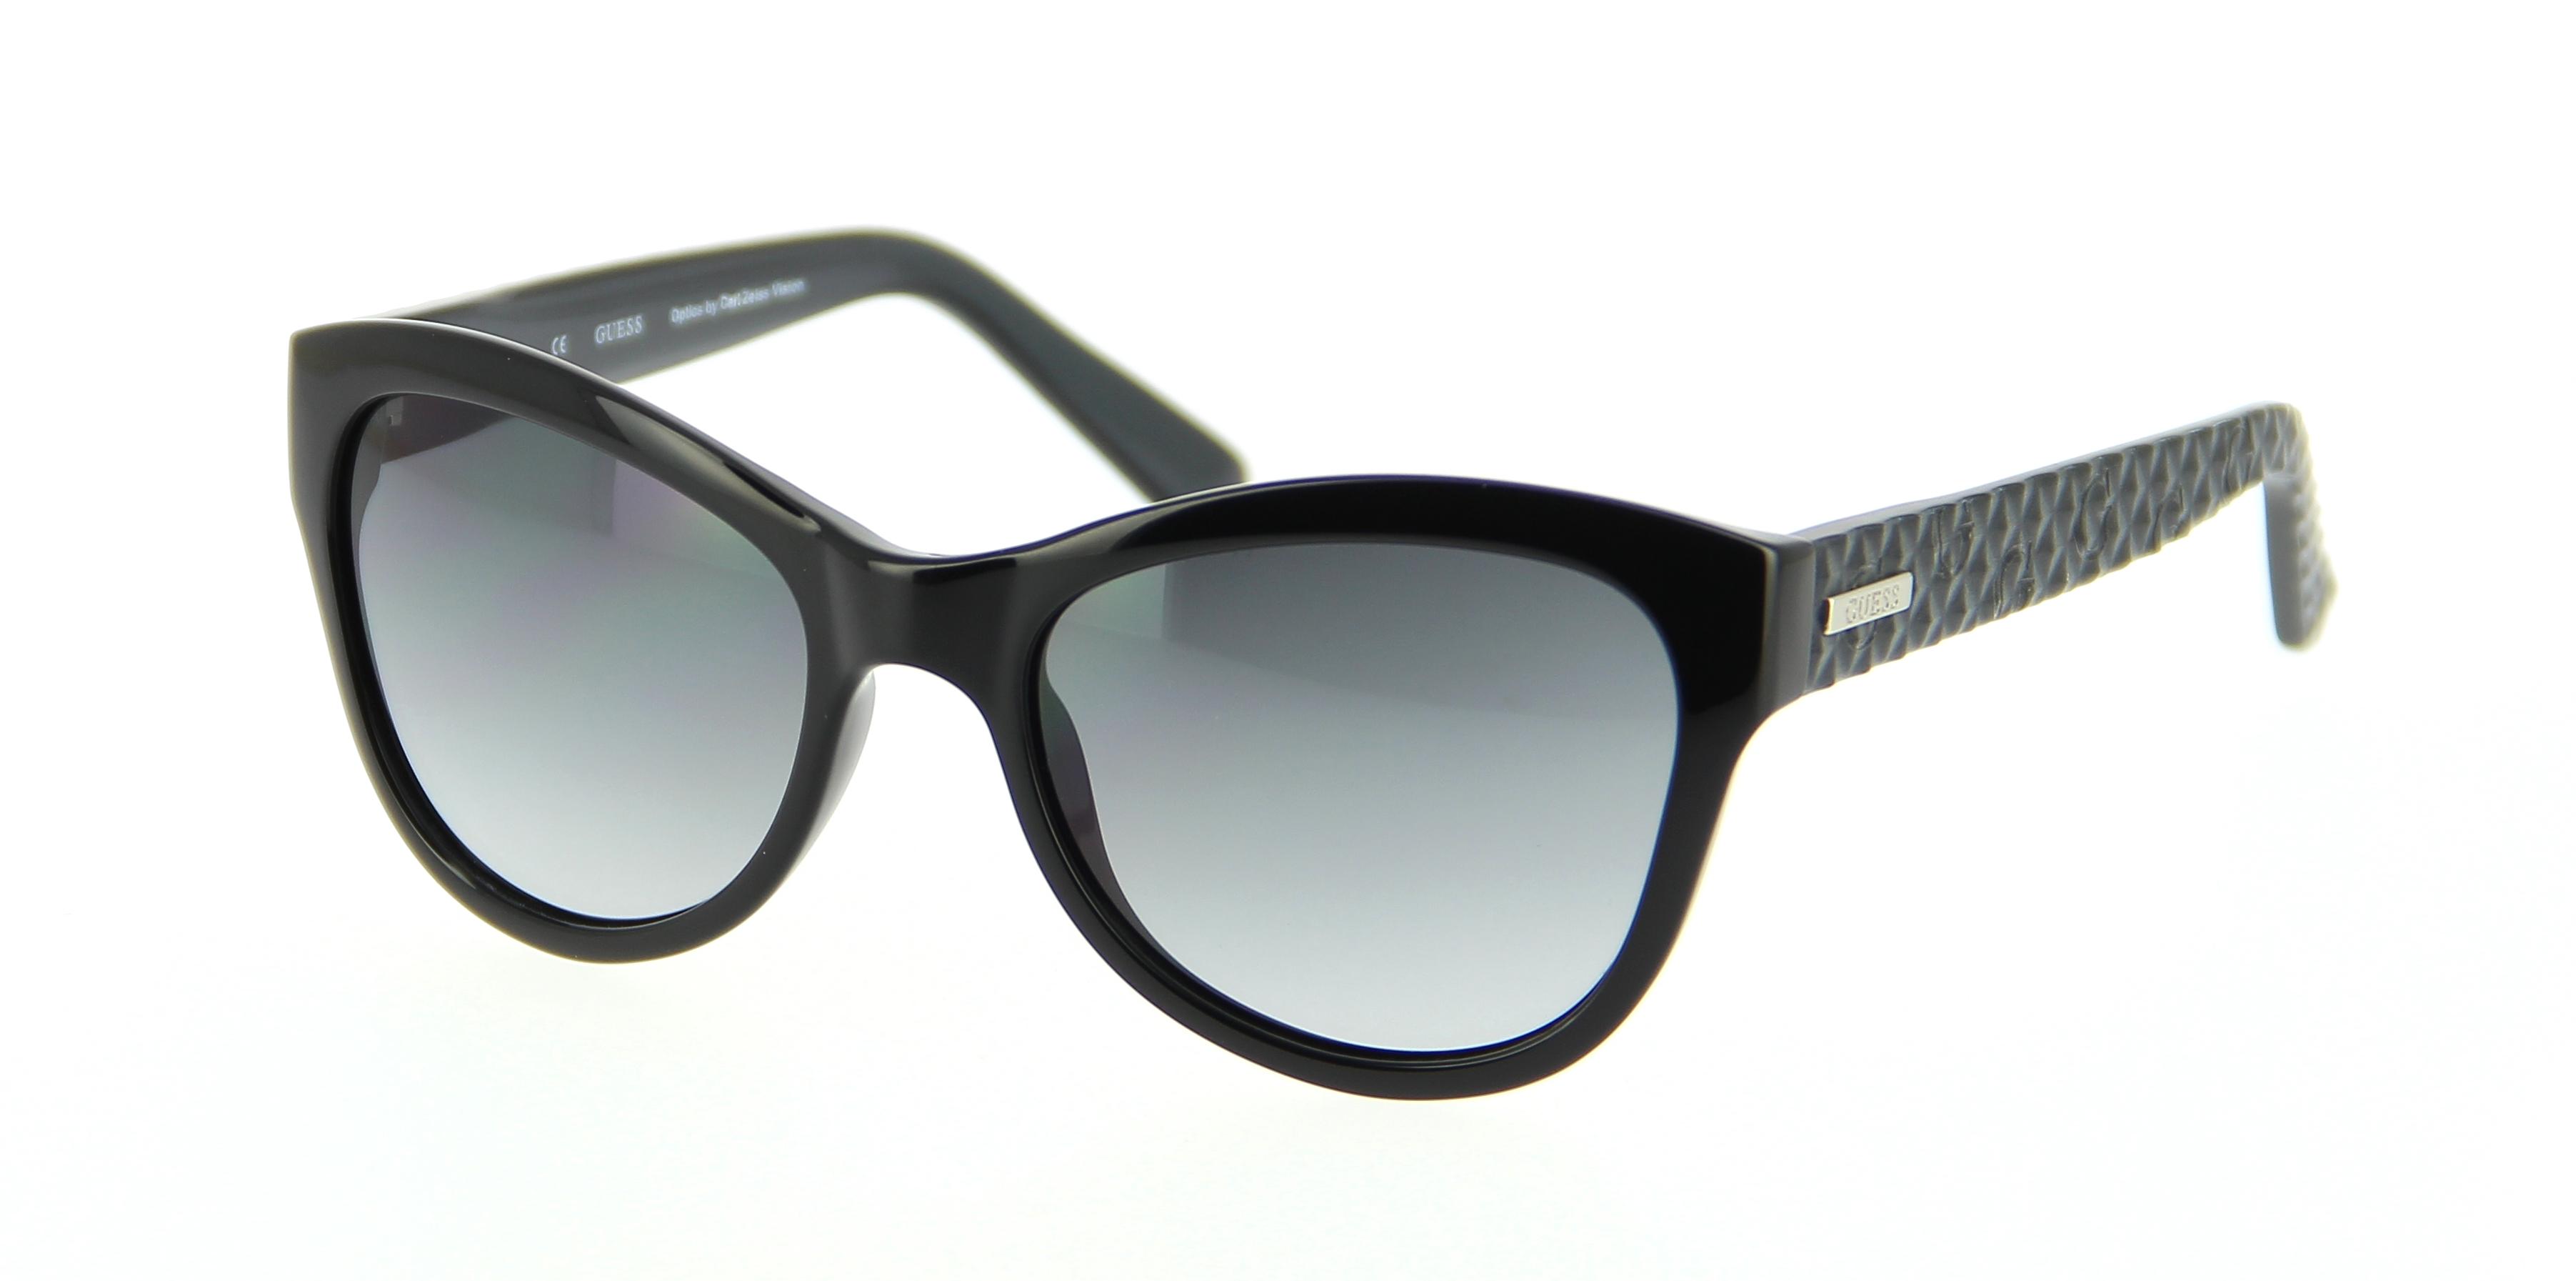 lunettes de soleil marque guess